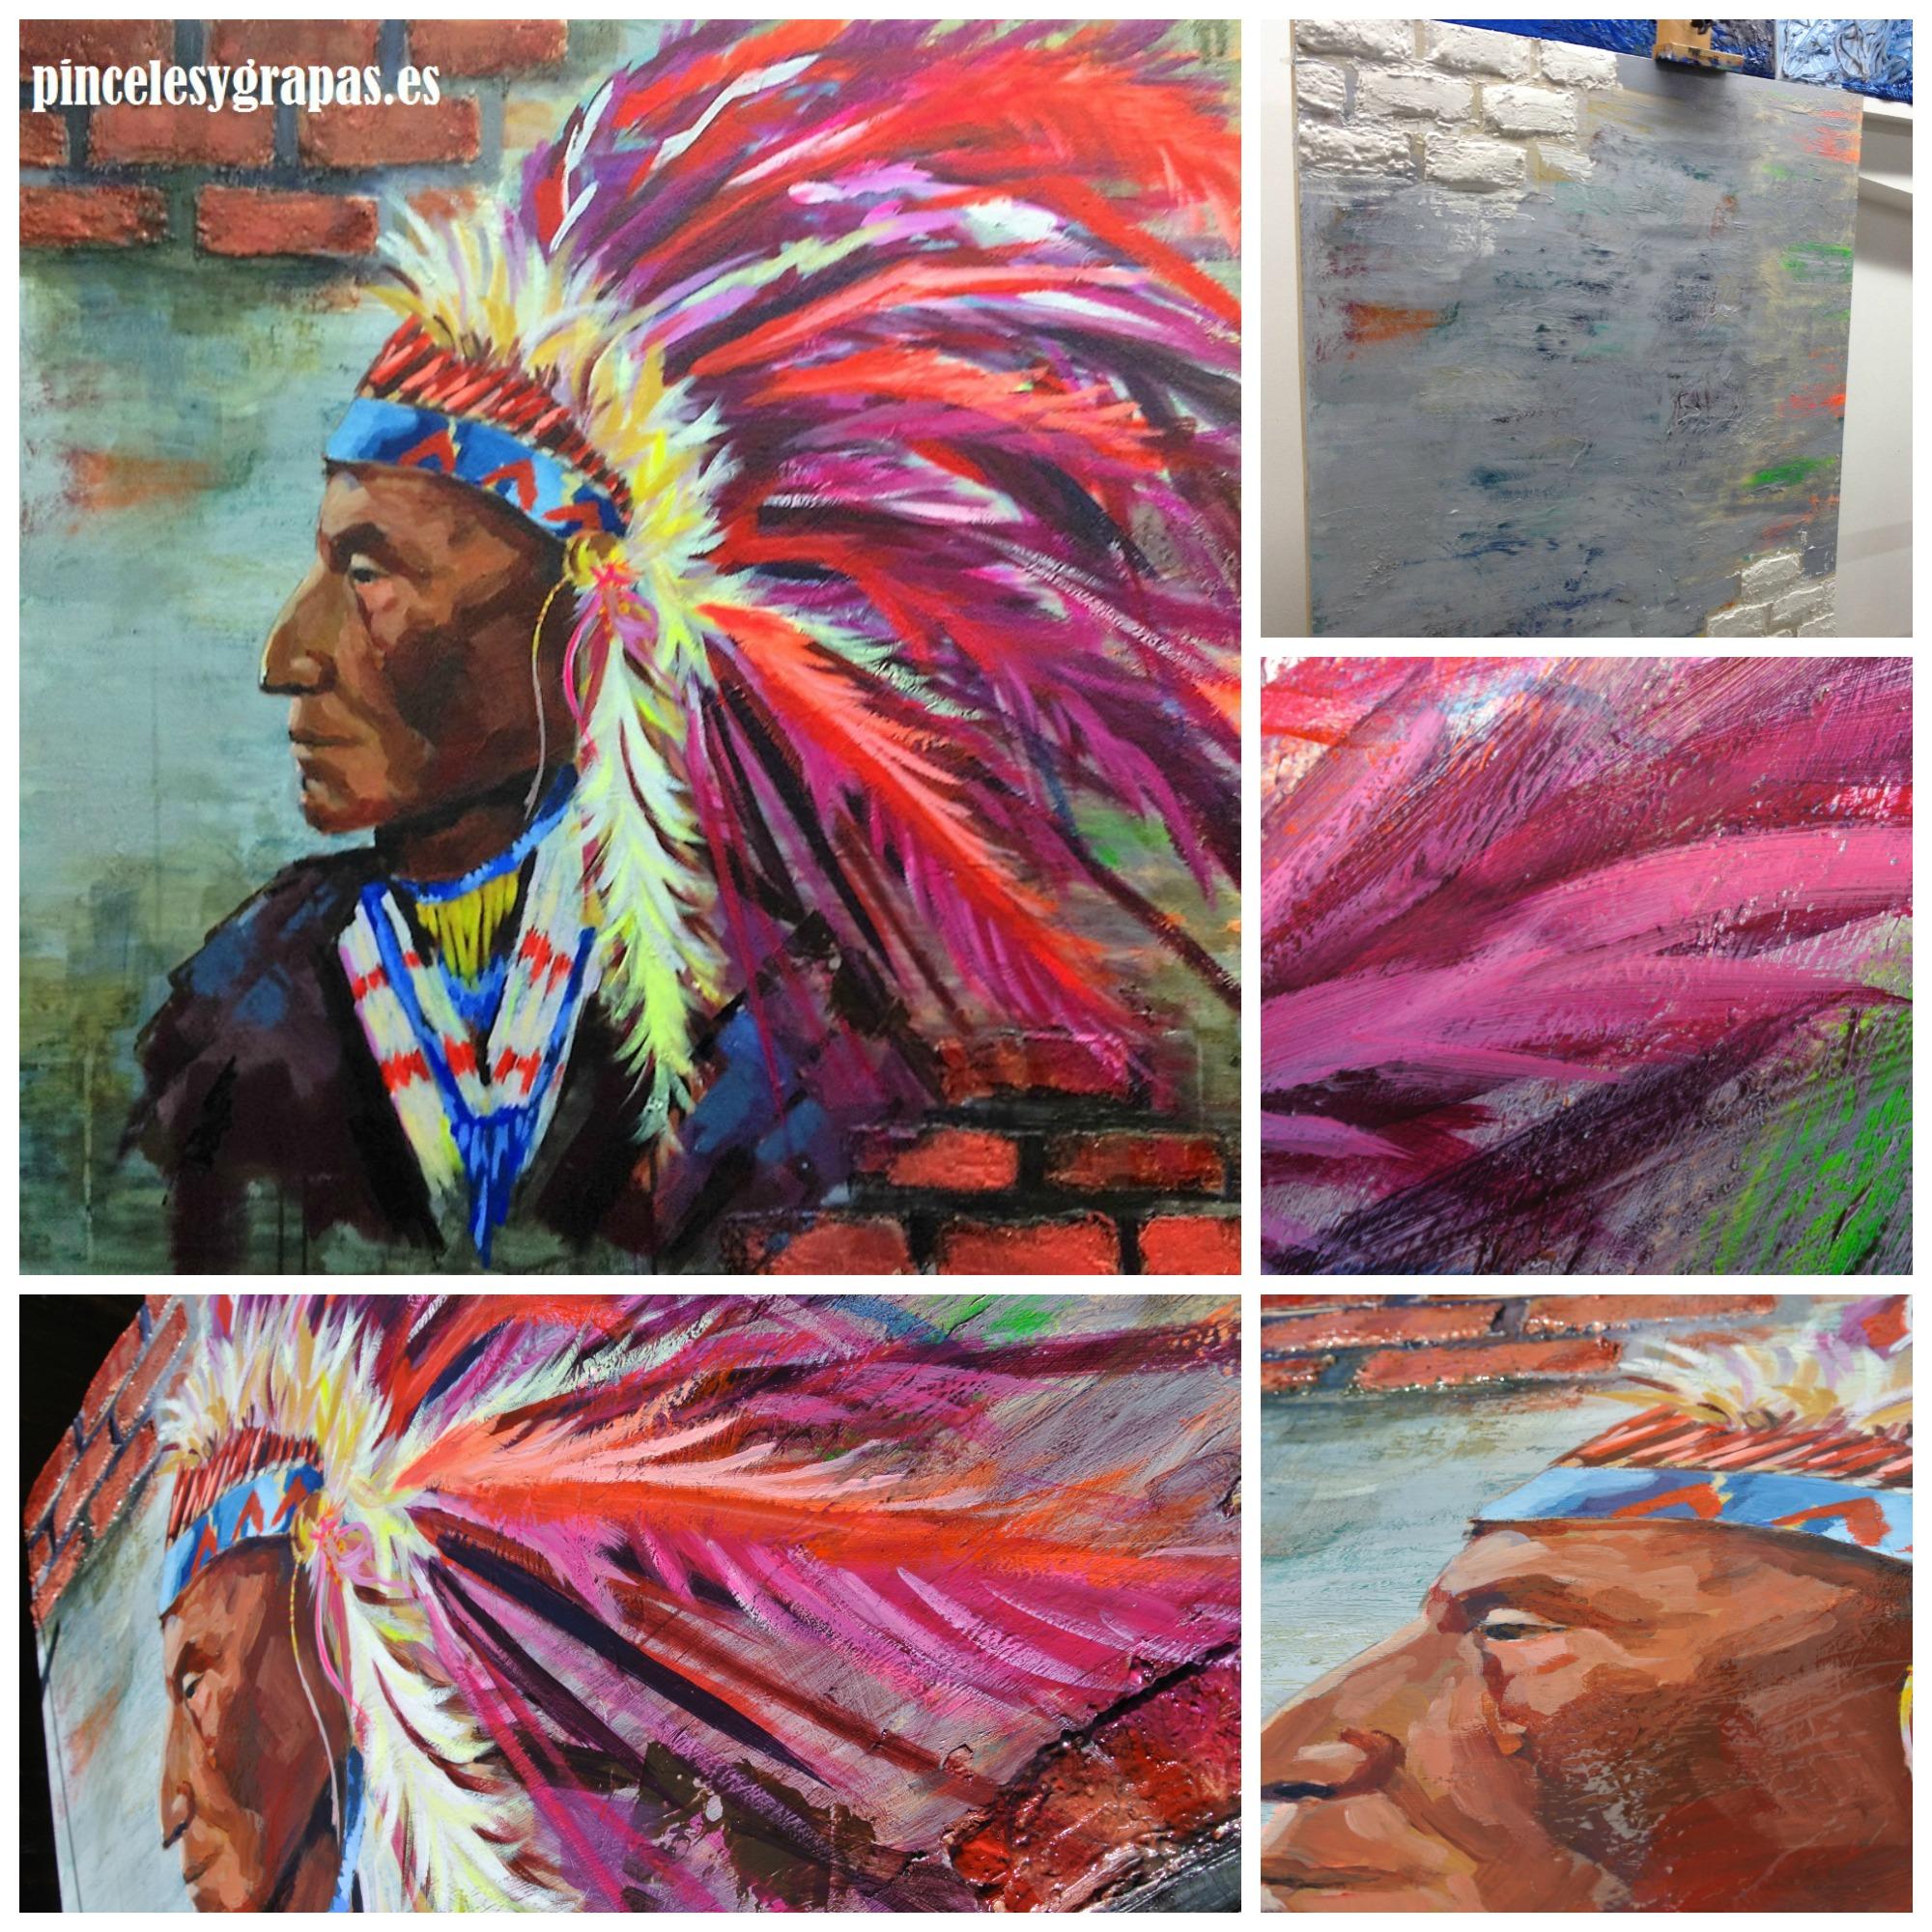 pasos-pintar-indio-pinceles-y-grapas1